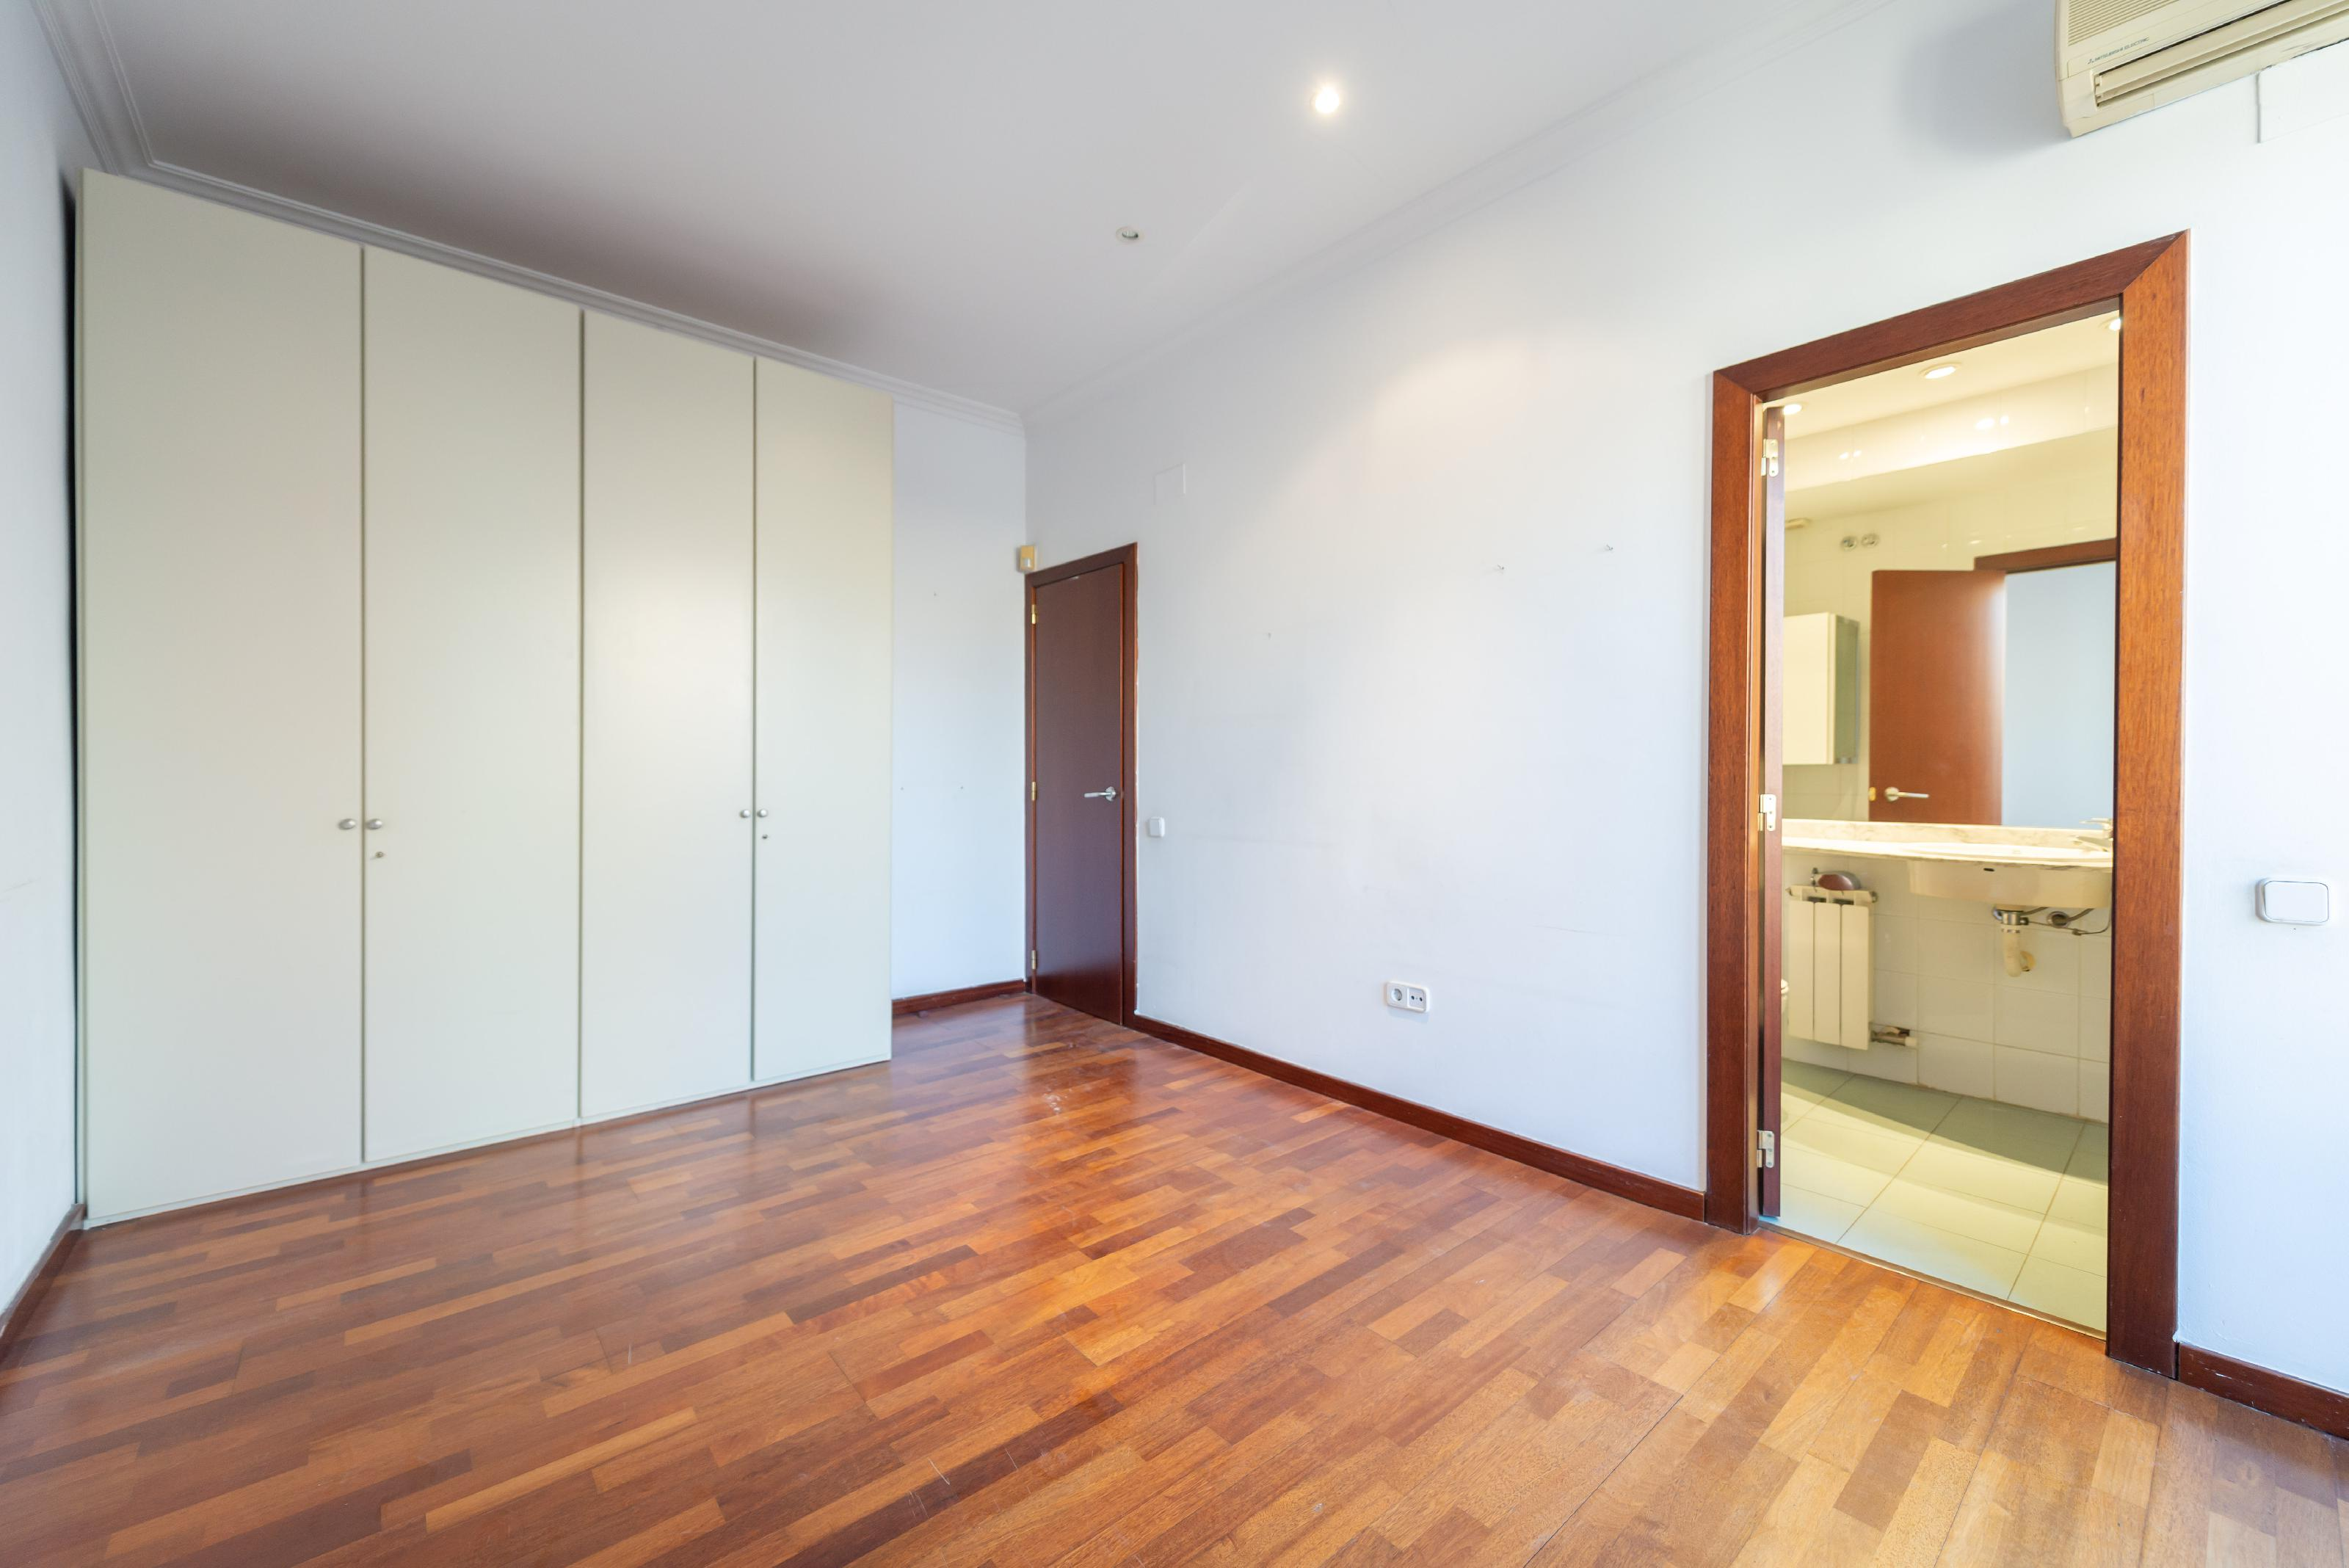 246020 Flat for sale in Sarrià-Sant Gervasi, Sarrià 19